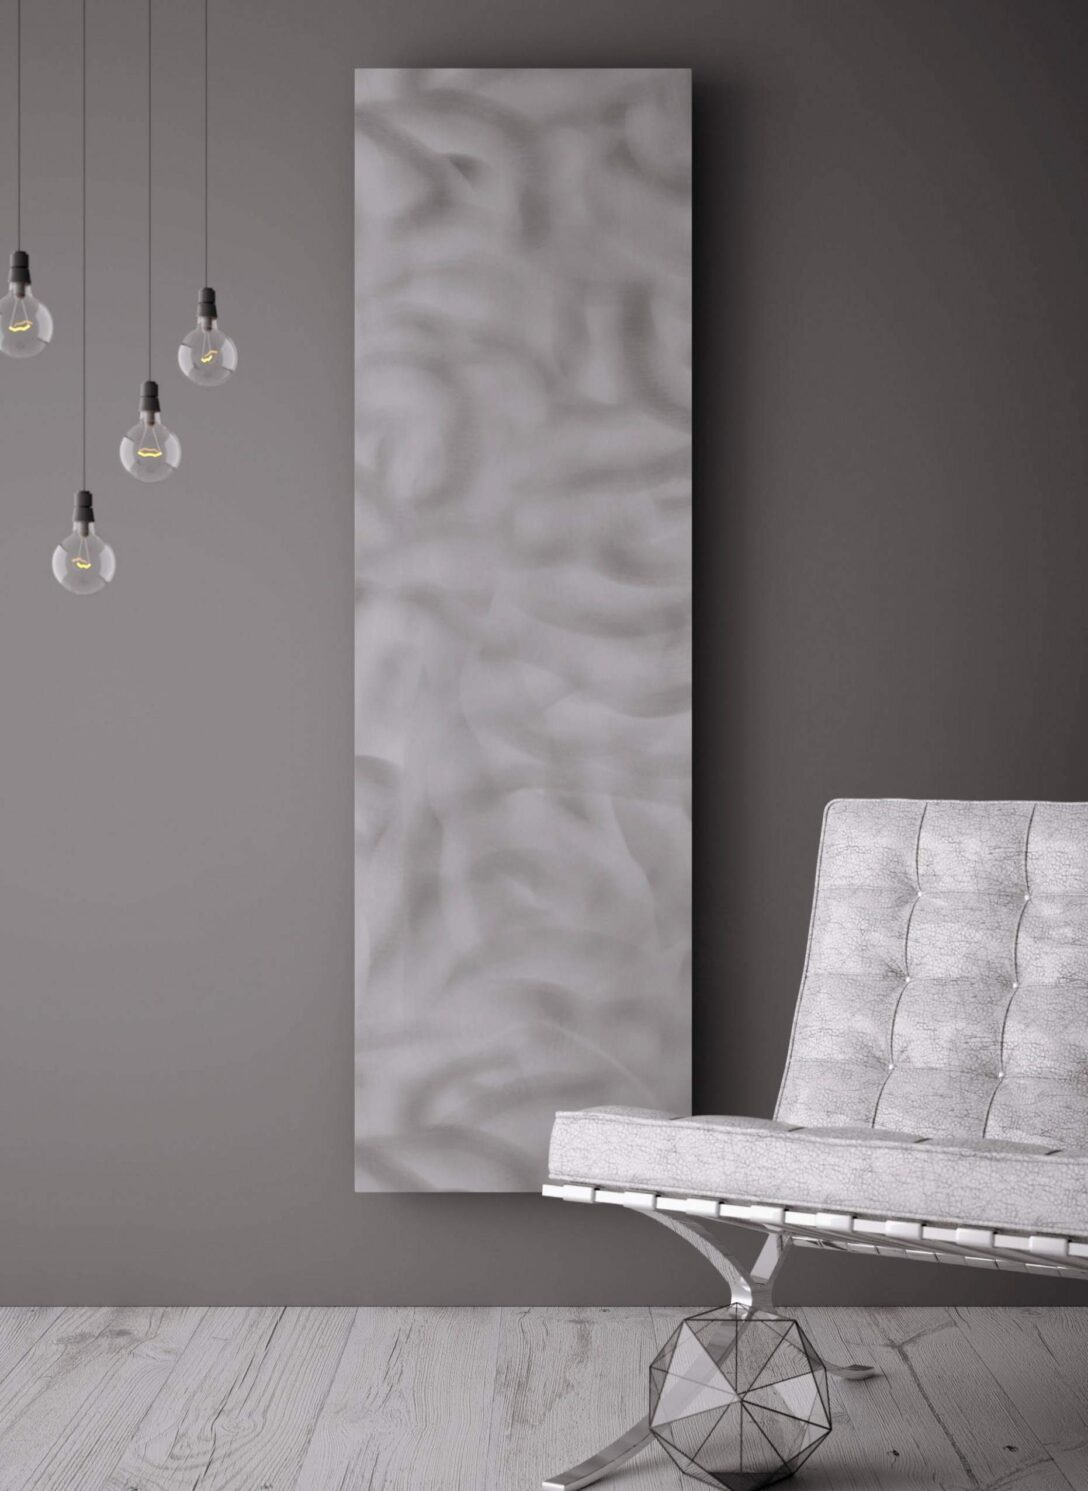 Large Size of Moderne Heizkörper Wohnzimmer Heizkrper Flach Schn Elegant Wandbild Anbauwand Teppich Wandtattoo Deckenlampen Sofa Kleines Landhausstil Für Teppiche Bad Wohnzimmer Moderne Heizkörper Wohnzimmer